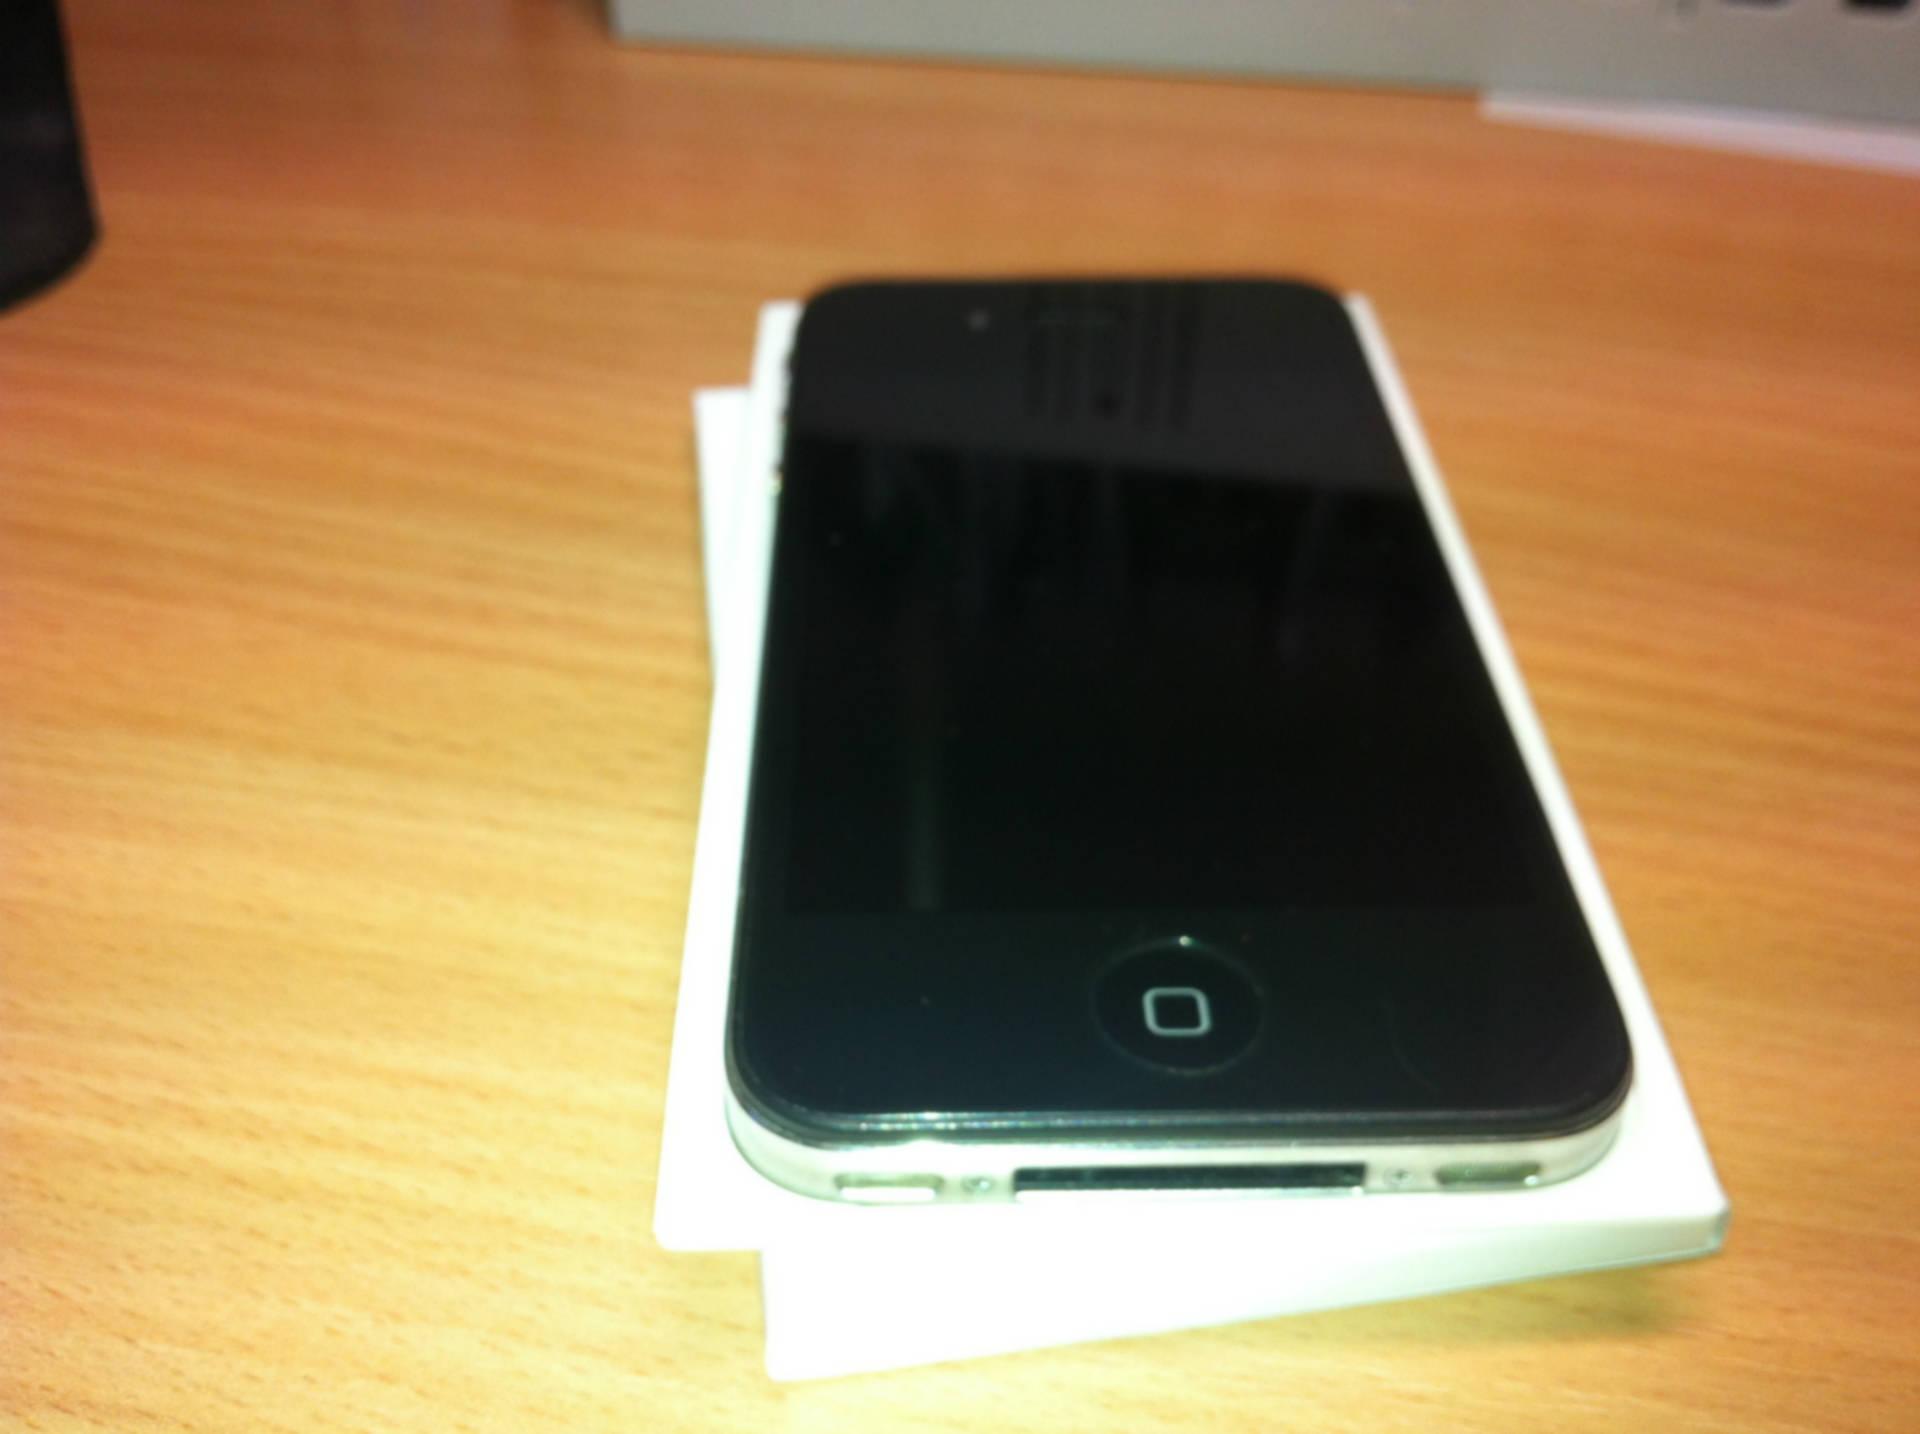 Продаю черный iPhone 4 16gb = 12000 — Общение — Корзина — PRICE ...